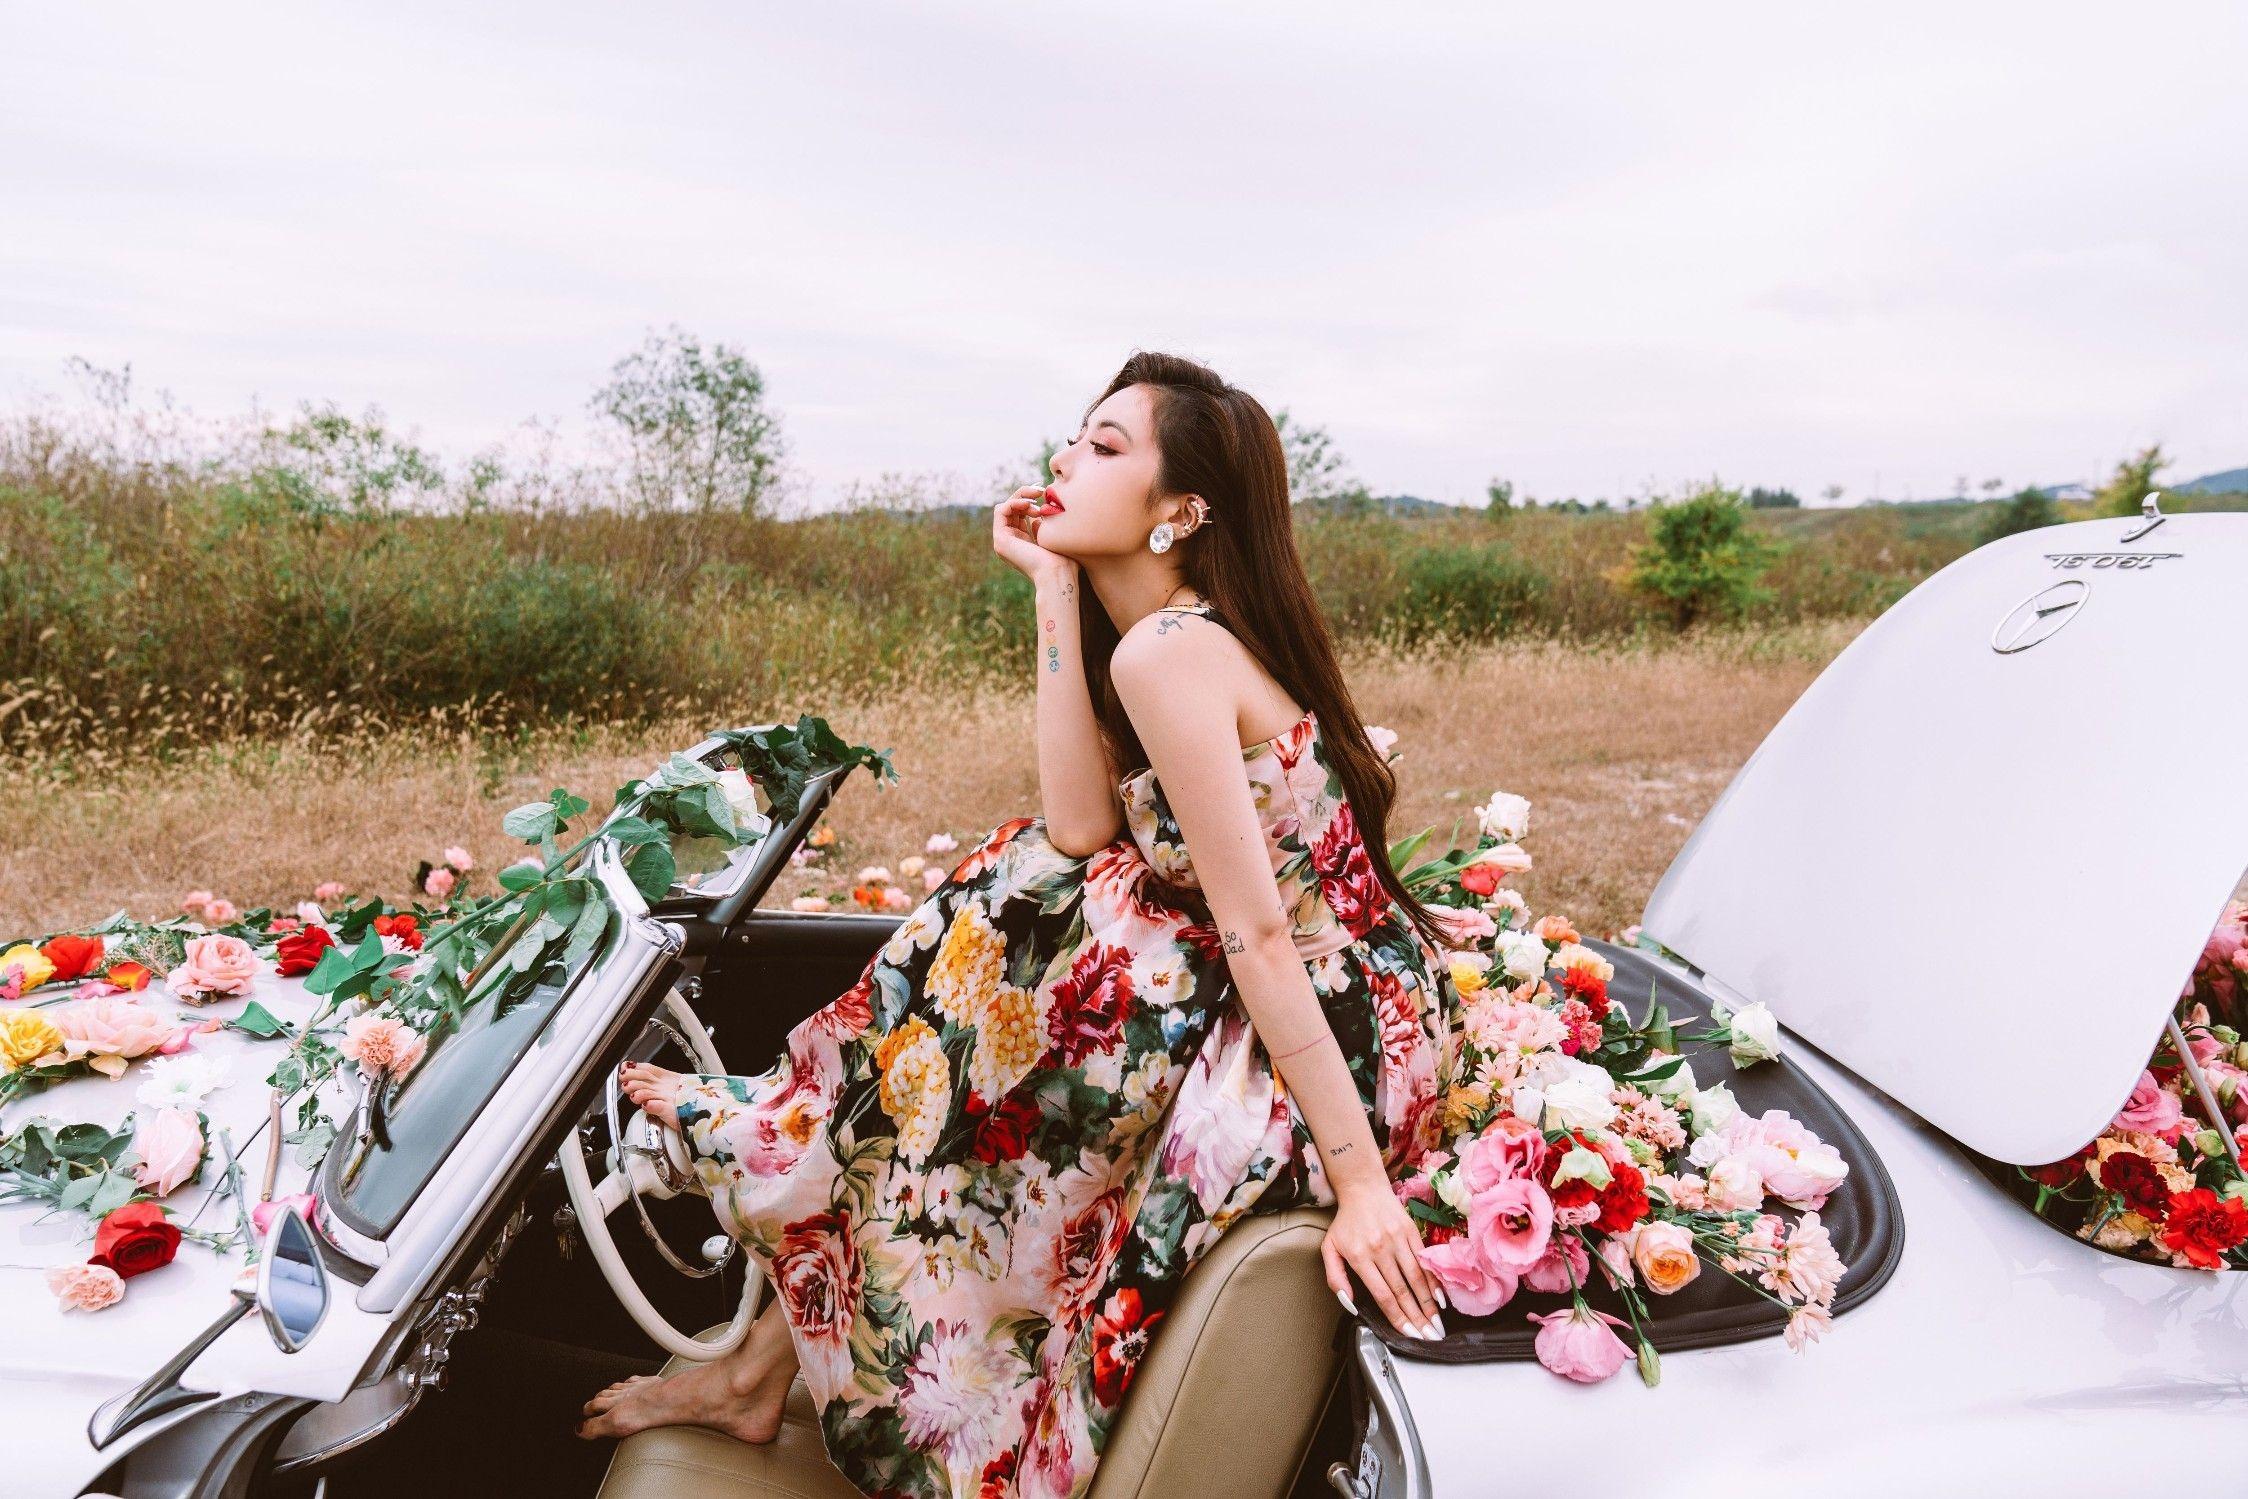 HuynA mặc đầm hoa, ngồi trên ô tô trong MV nhạc KPOP Flower Shower